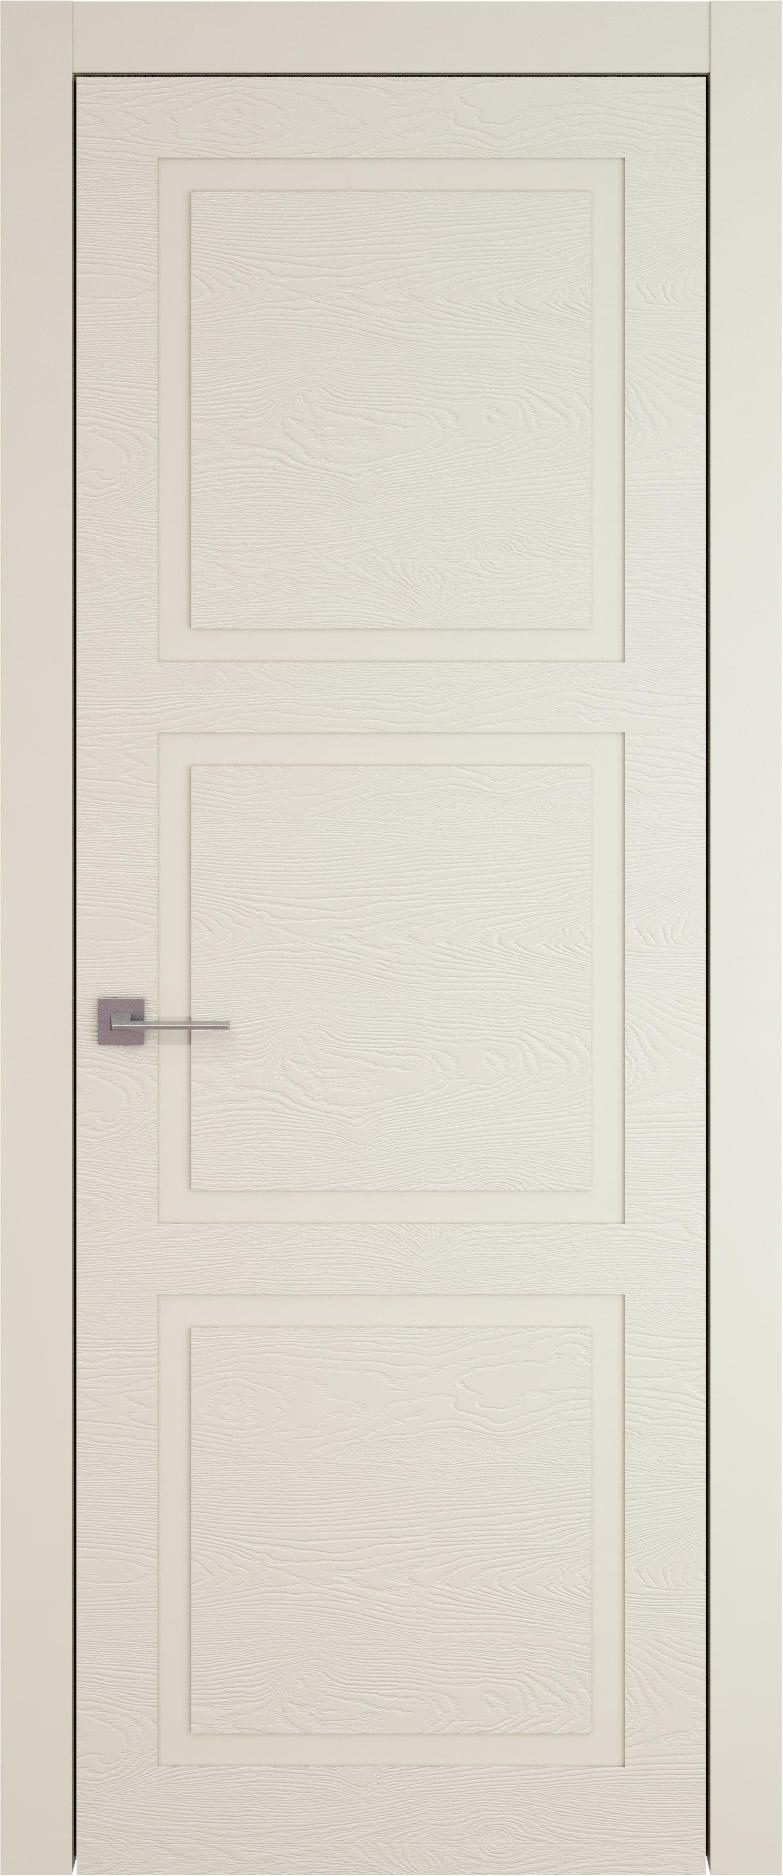 Tivoli Л-5 цвет - Жемчужная эмаль по шпону (RAL 1013) Без стекла (ДГ)